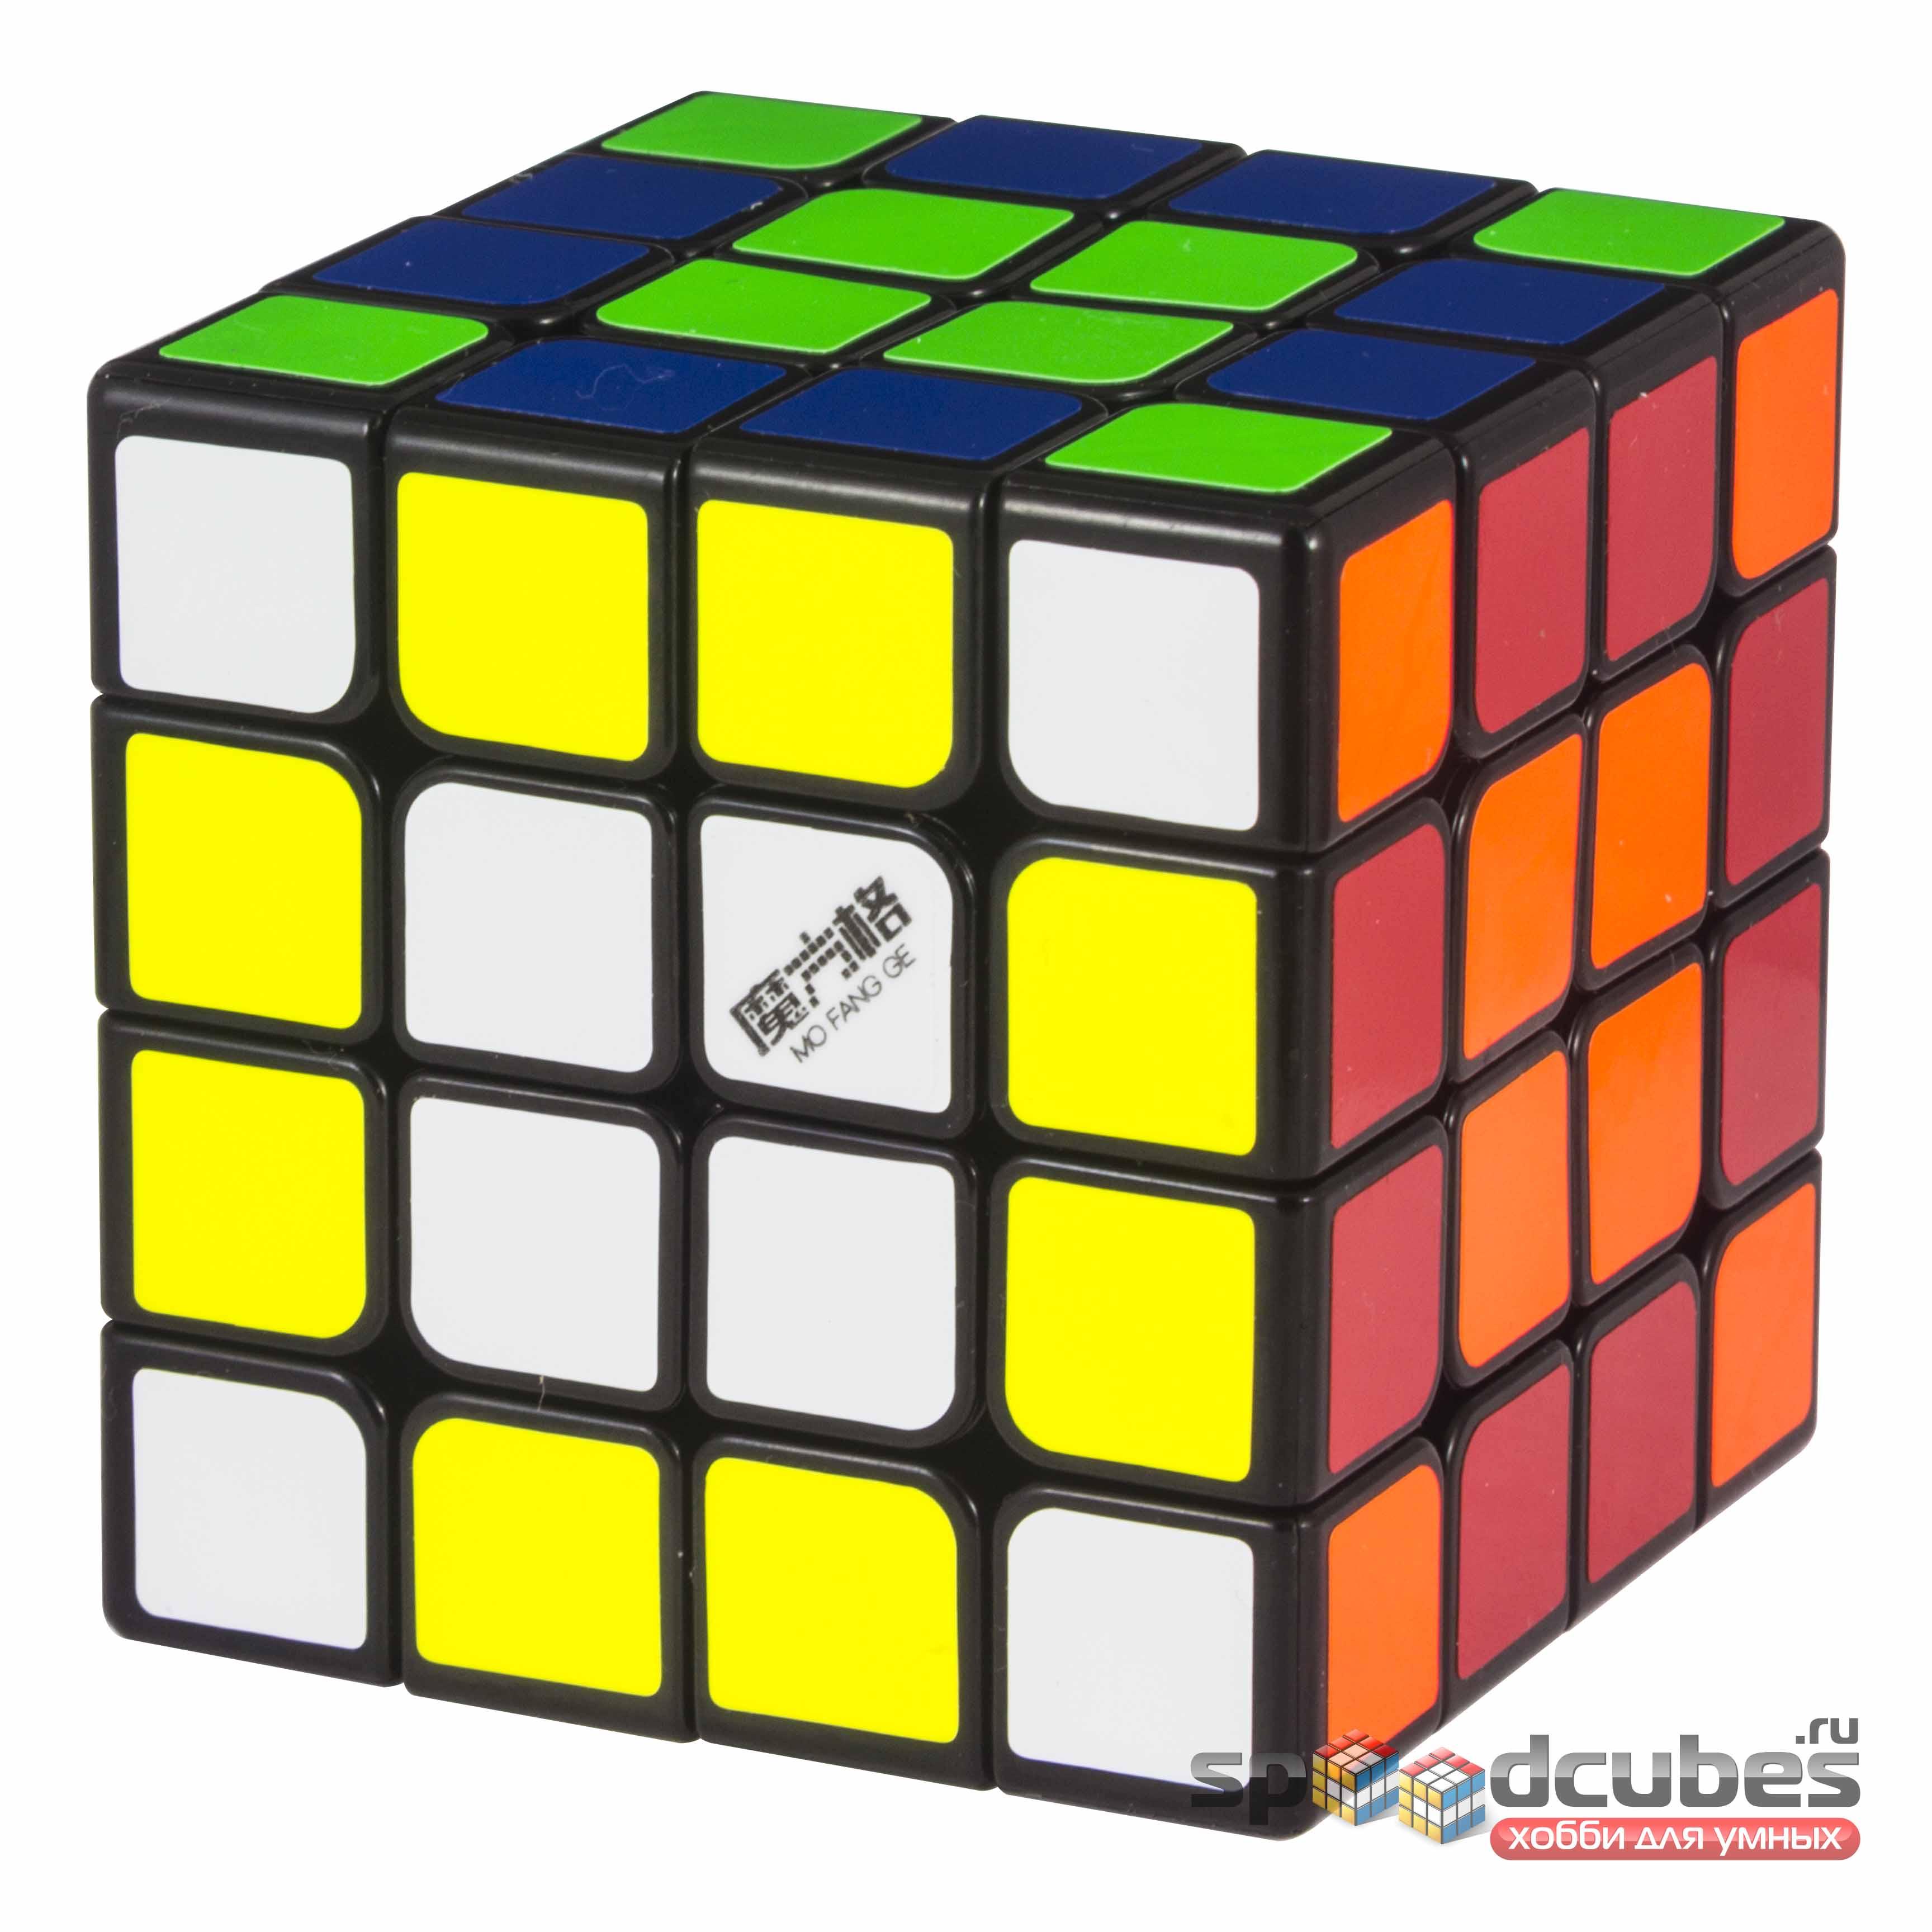 QiYi (MoFangGe) 4x4x4 WuQue 3